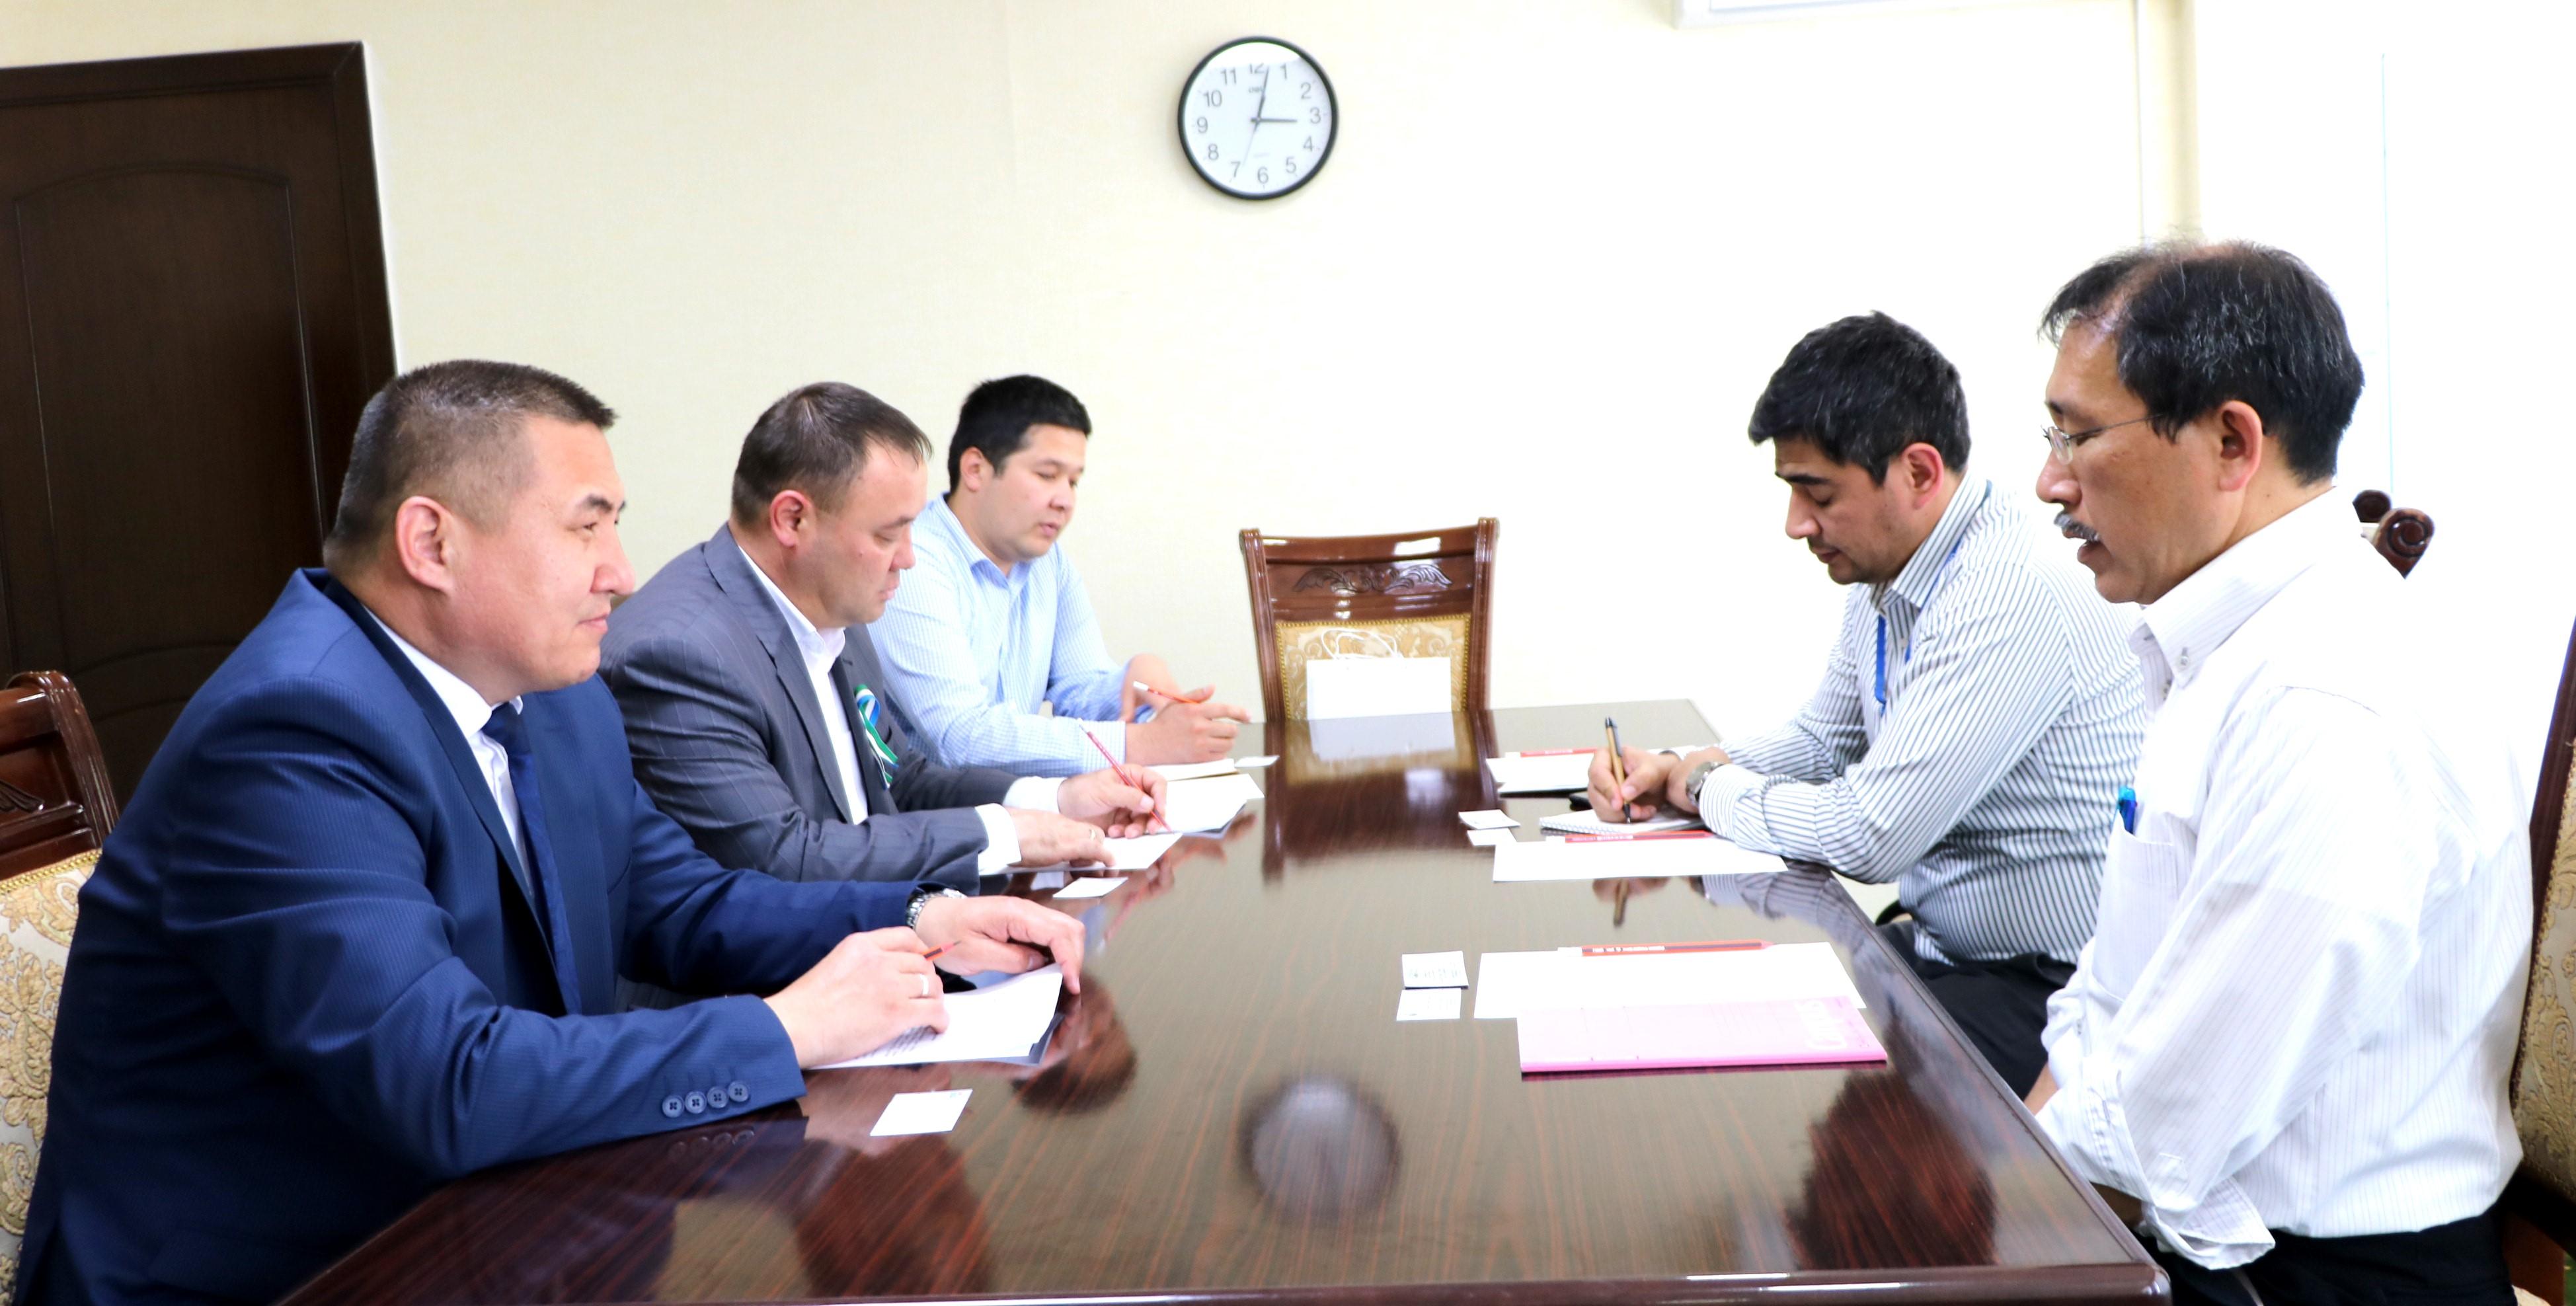 Представители Японского агентства международного сотрудничества в КГУ